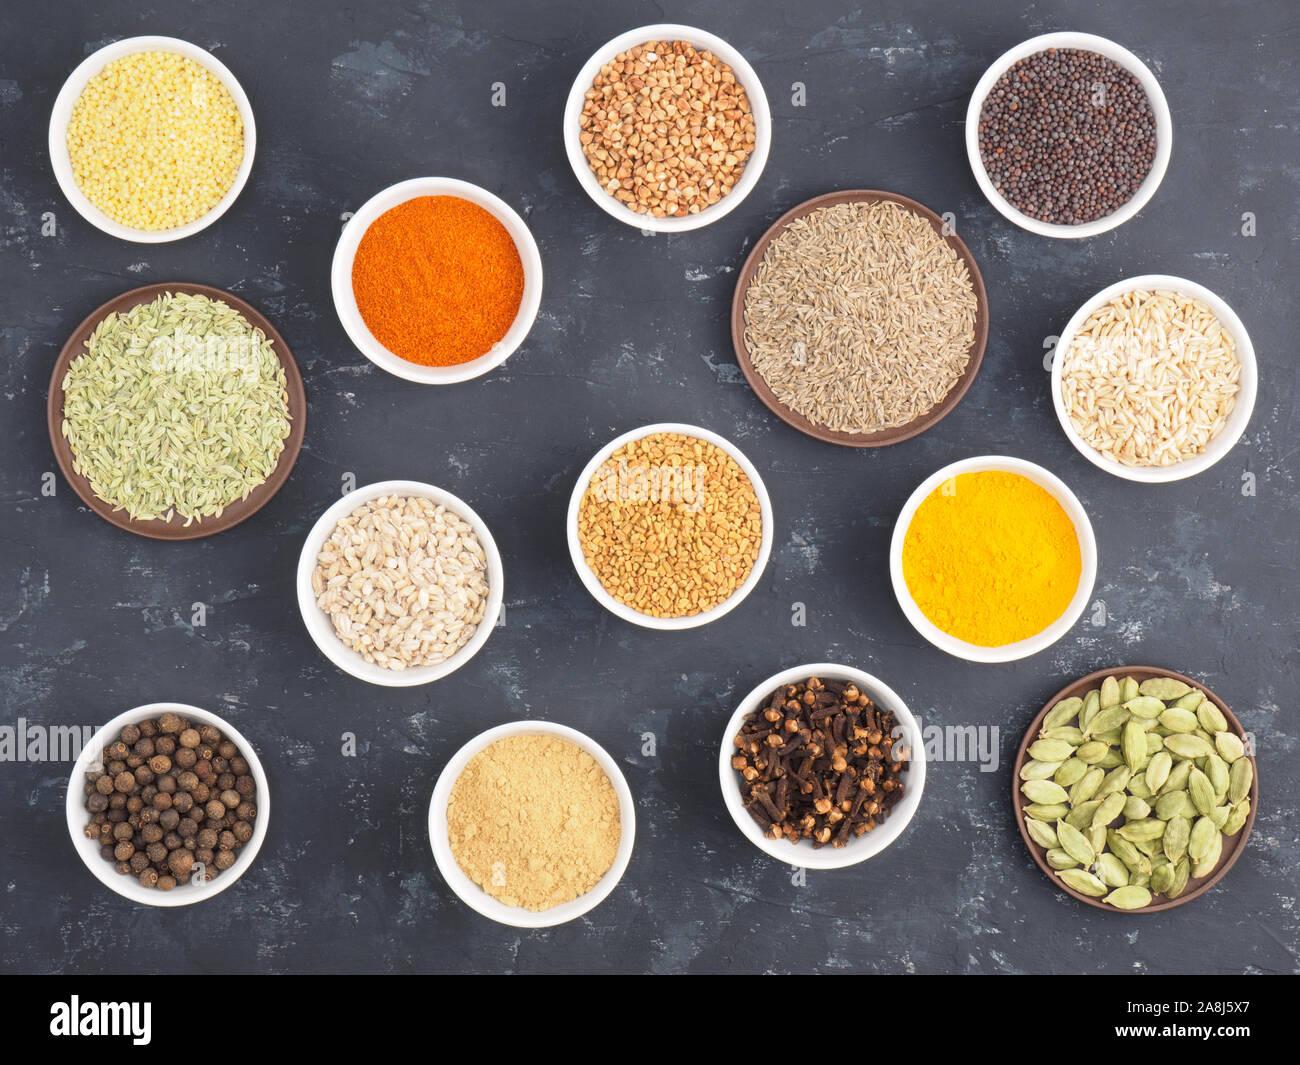 Le sarrasin, le millet, le piment, le fenouil, l'avoine, le poivre piment, masala, fenugrec, girofle, curcuma, cumin, graines de moutarde, de la cardamome verte sur béton noir ba Banque D'Images